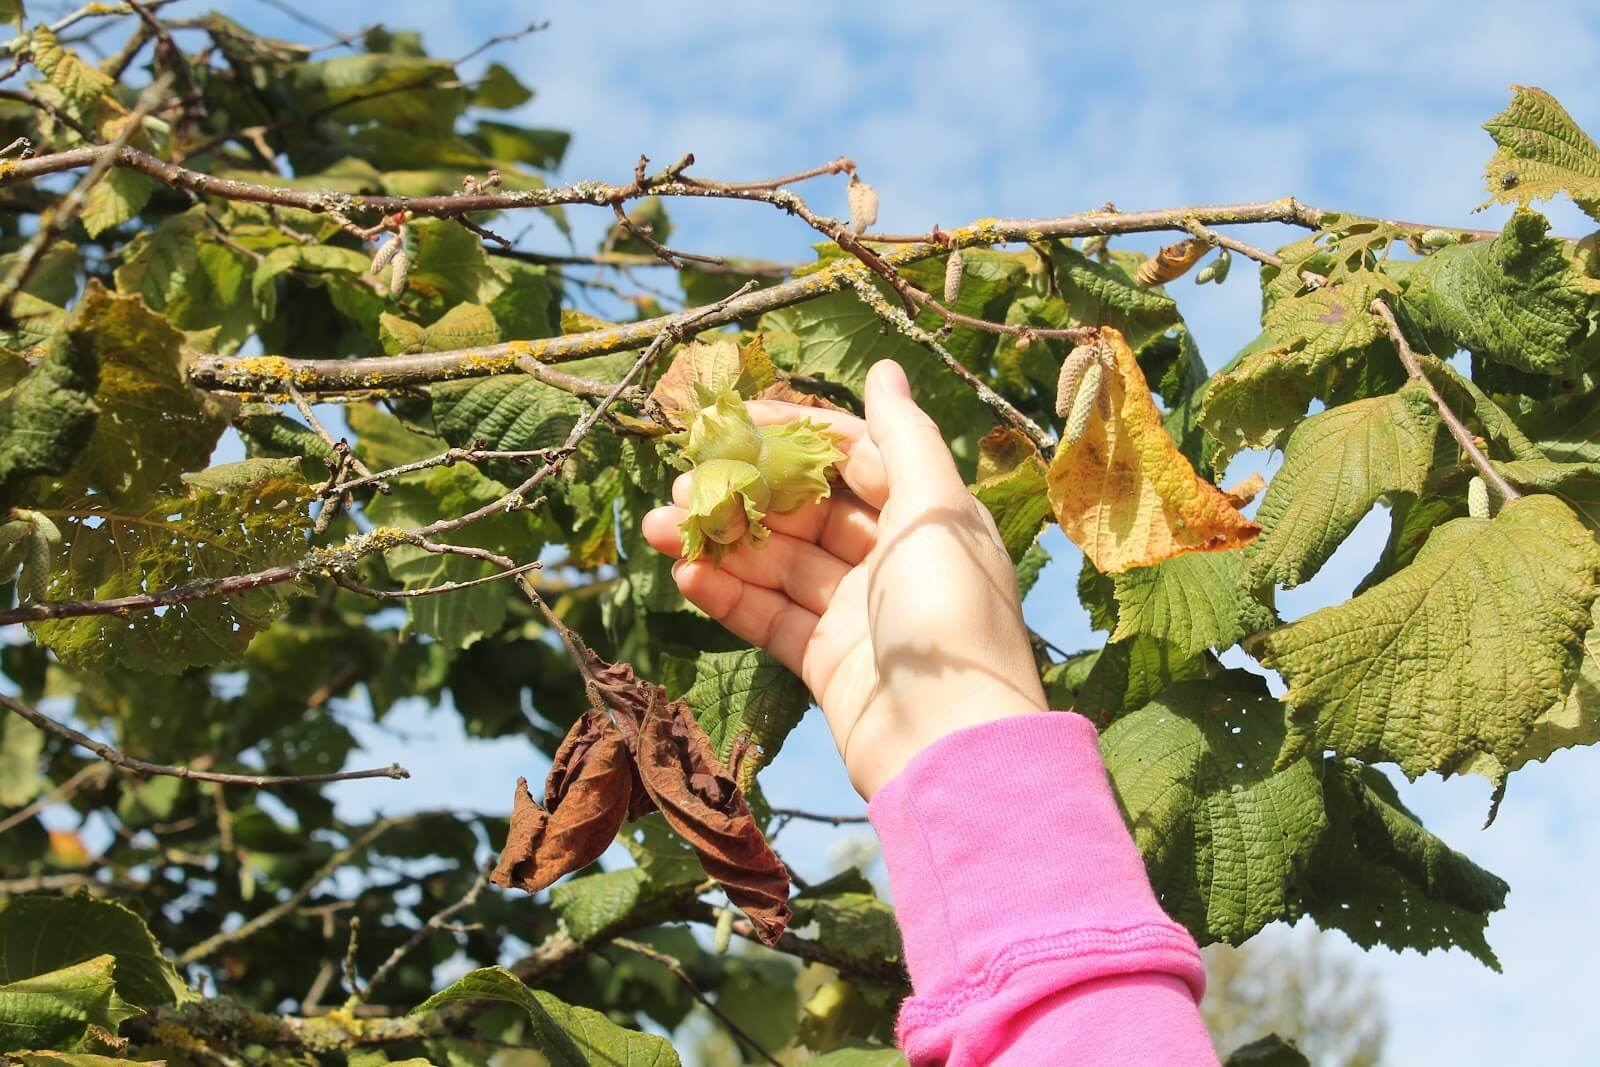 Грецкий орех в подмосковье: выращивание, лучшие сорта